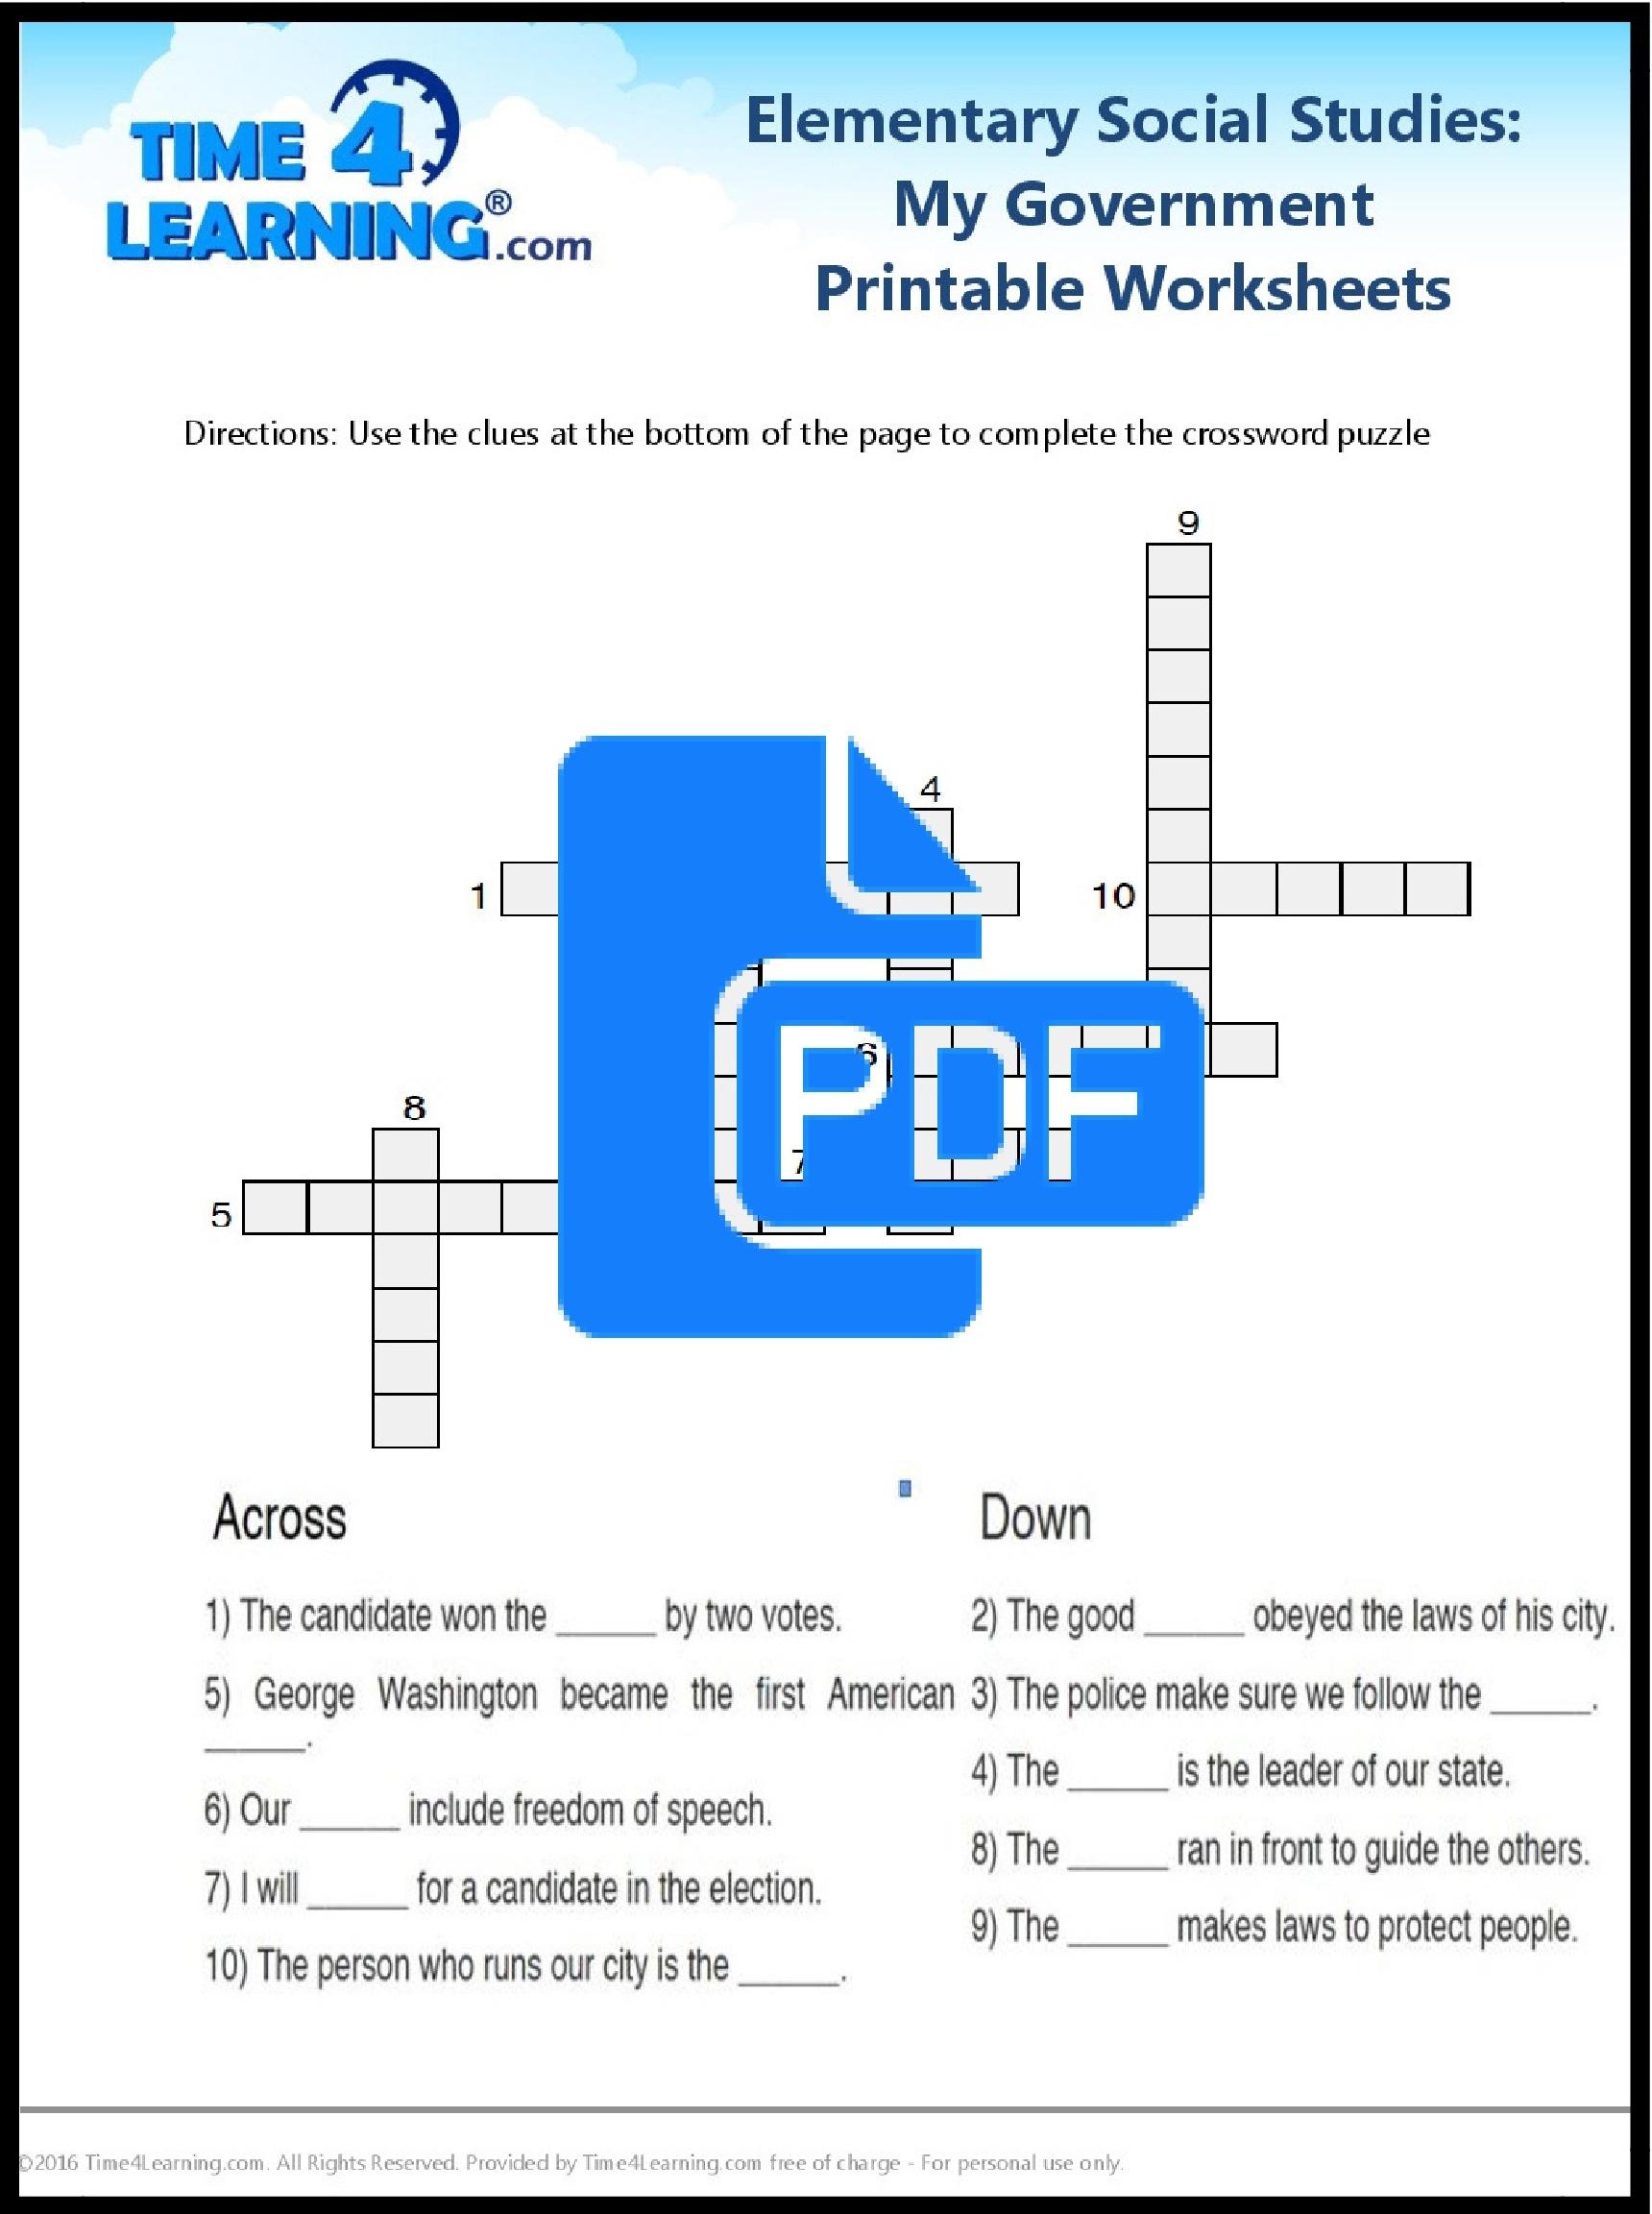 Free Printable: Elementary Social Studies Worksheet | Time4Learning - Free Printable Social Studies Worksheets